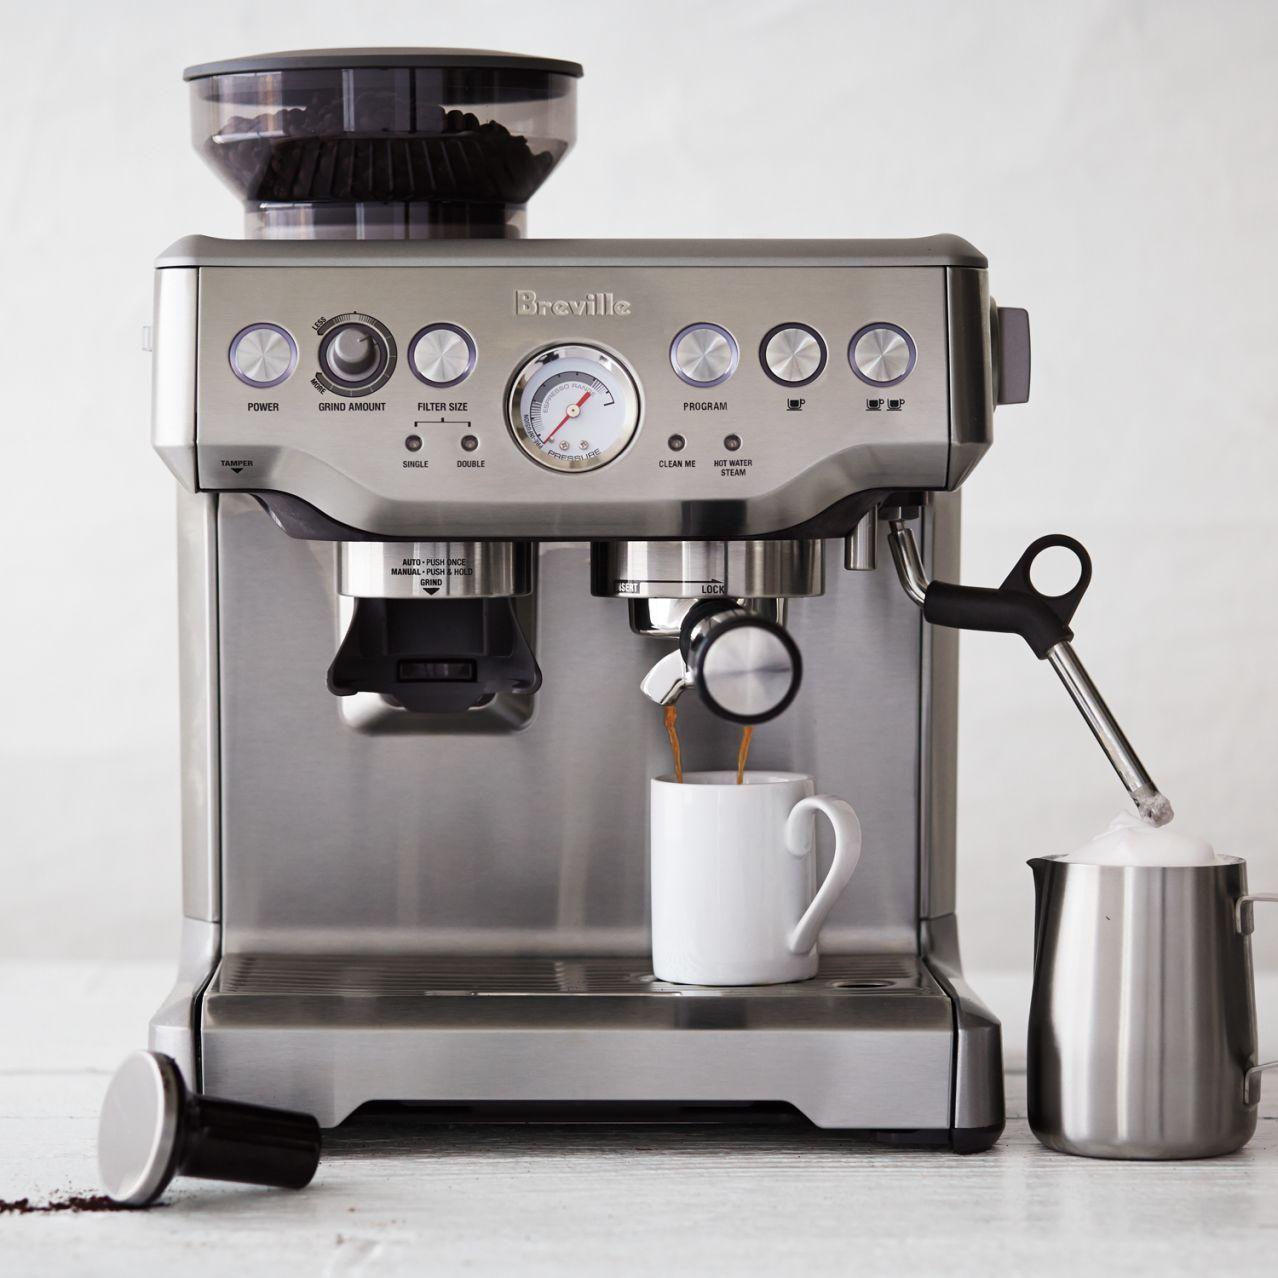 Breville Barista Express Espresso Machine Sur La Table Espresso Machine Espresso Breville Espresso Machine